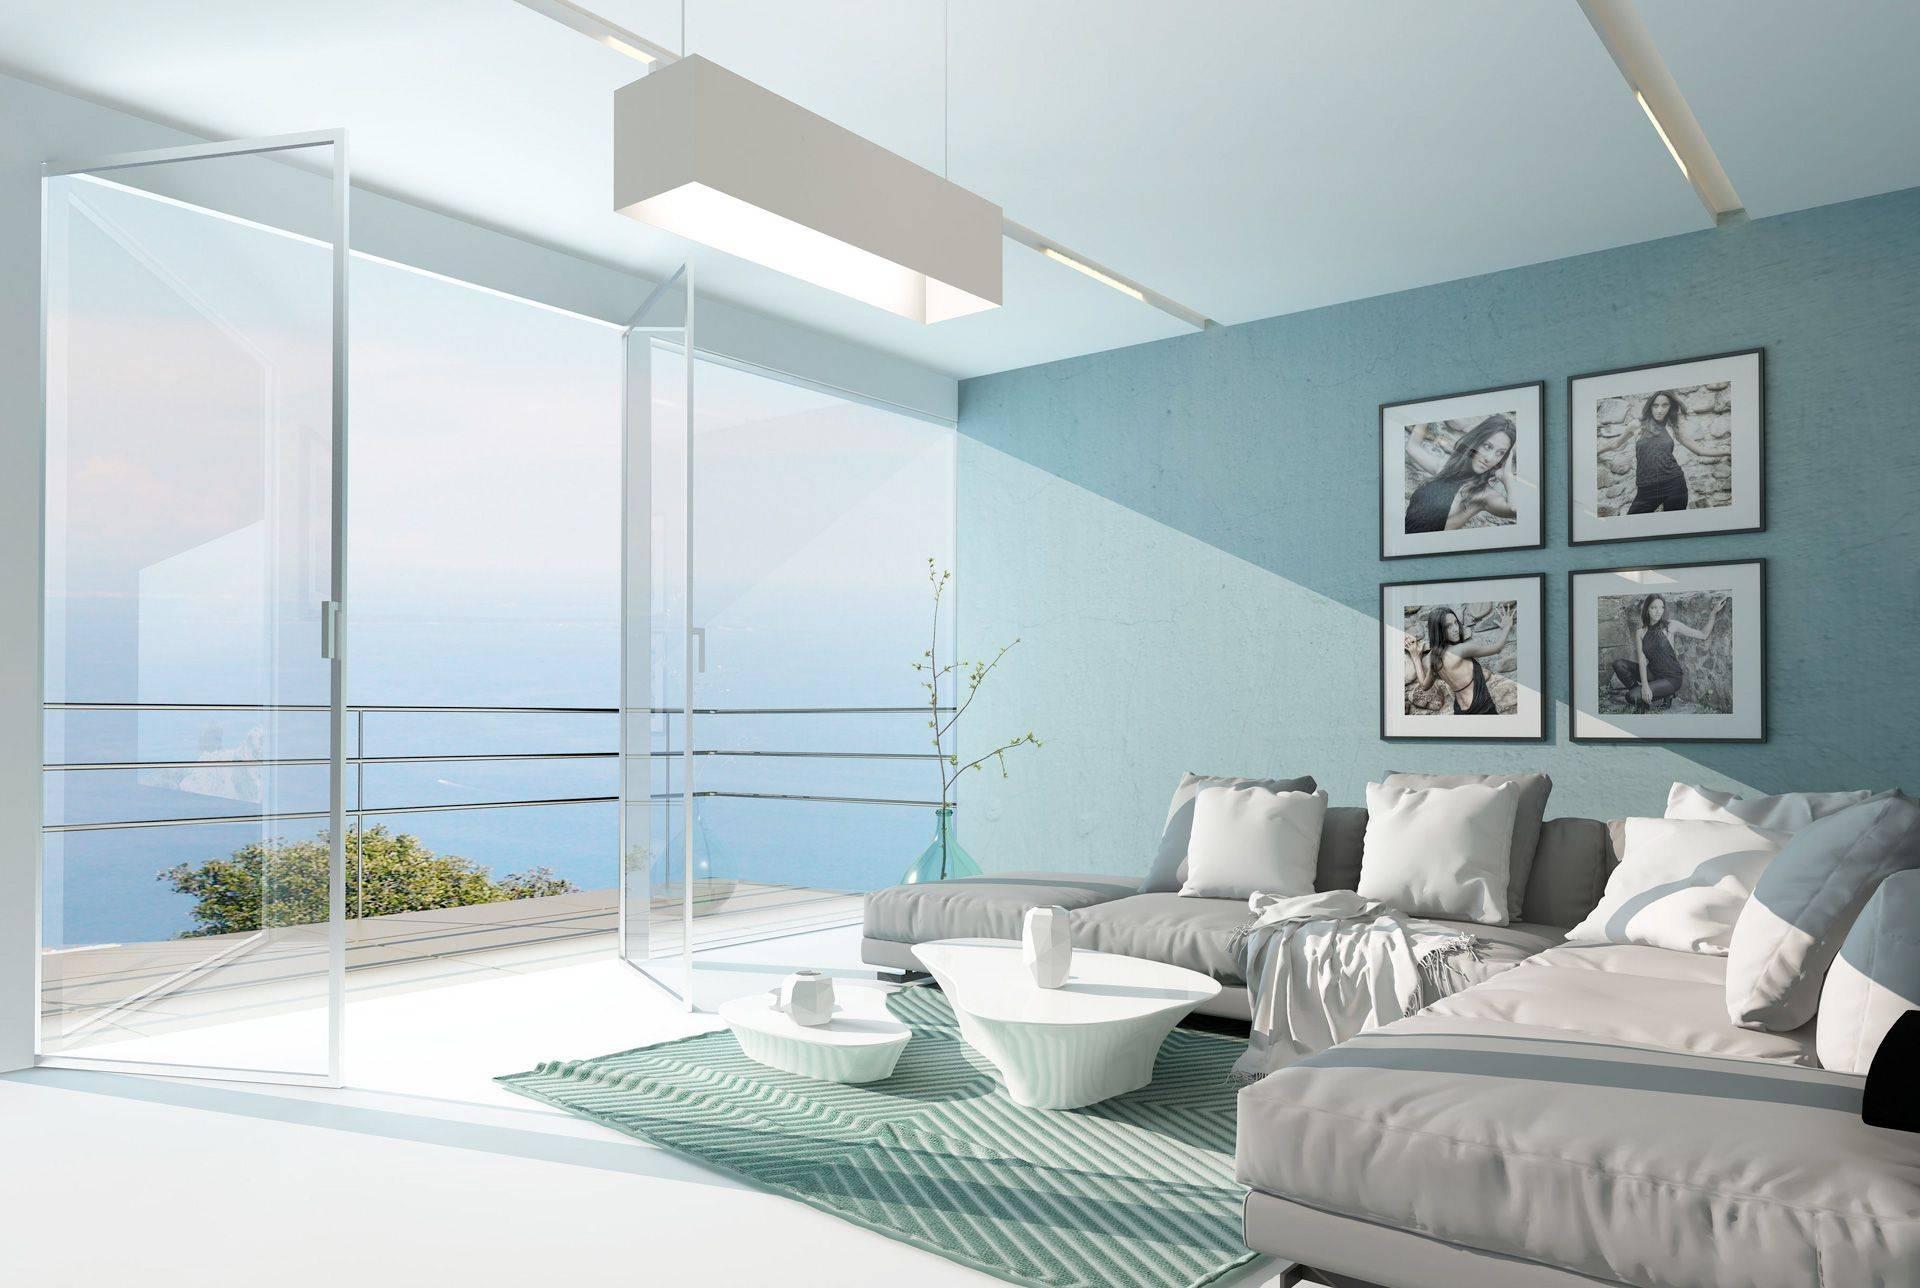 Acor'immo Agence Immobilière - Vente maison et appartement La seyne sur mer et Six fours les plages